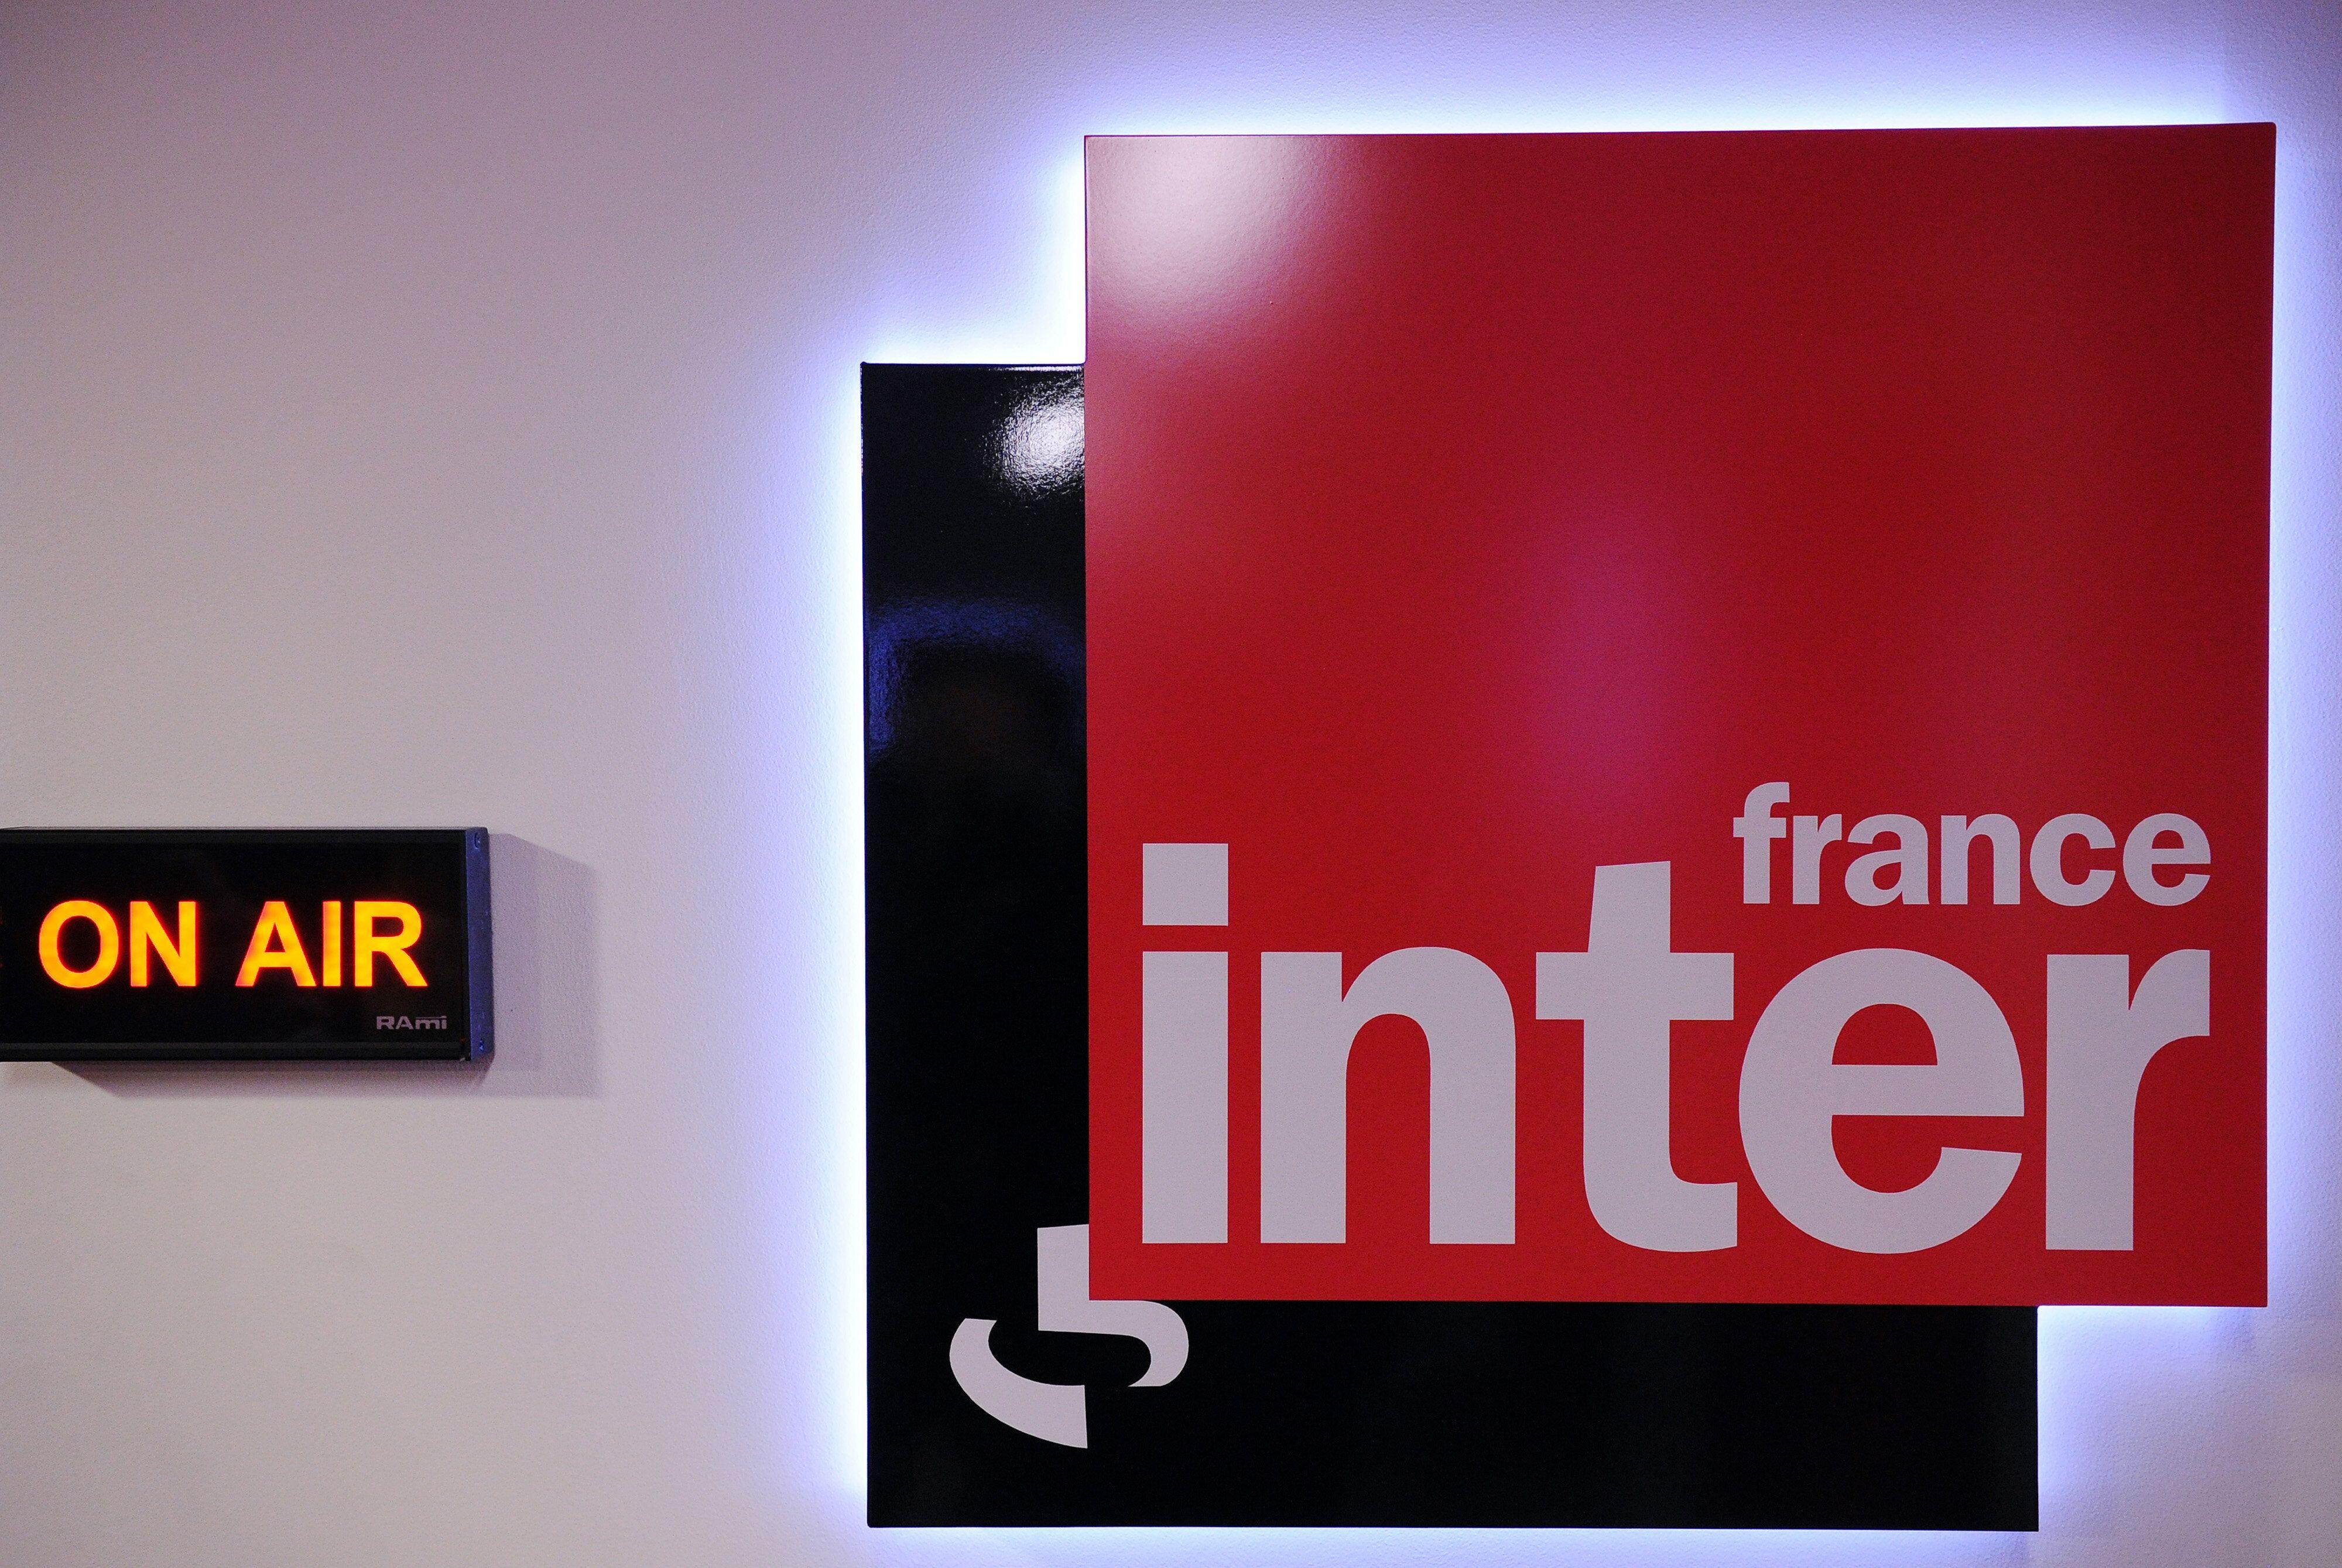 La radio France Inter connaît un net recul du nombre de ses auditeurs au printemps 2021, mais reste...